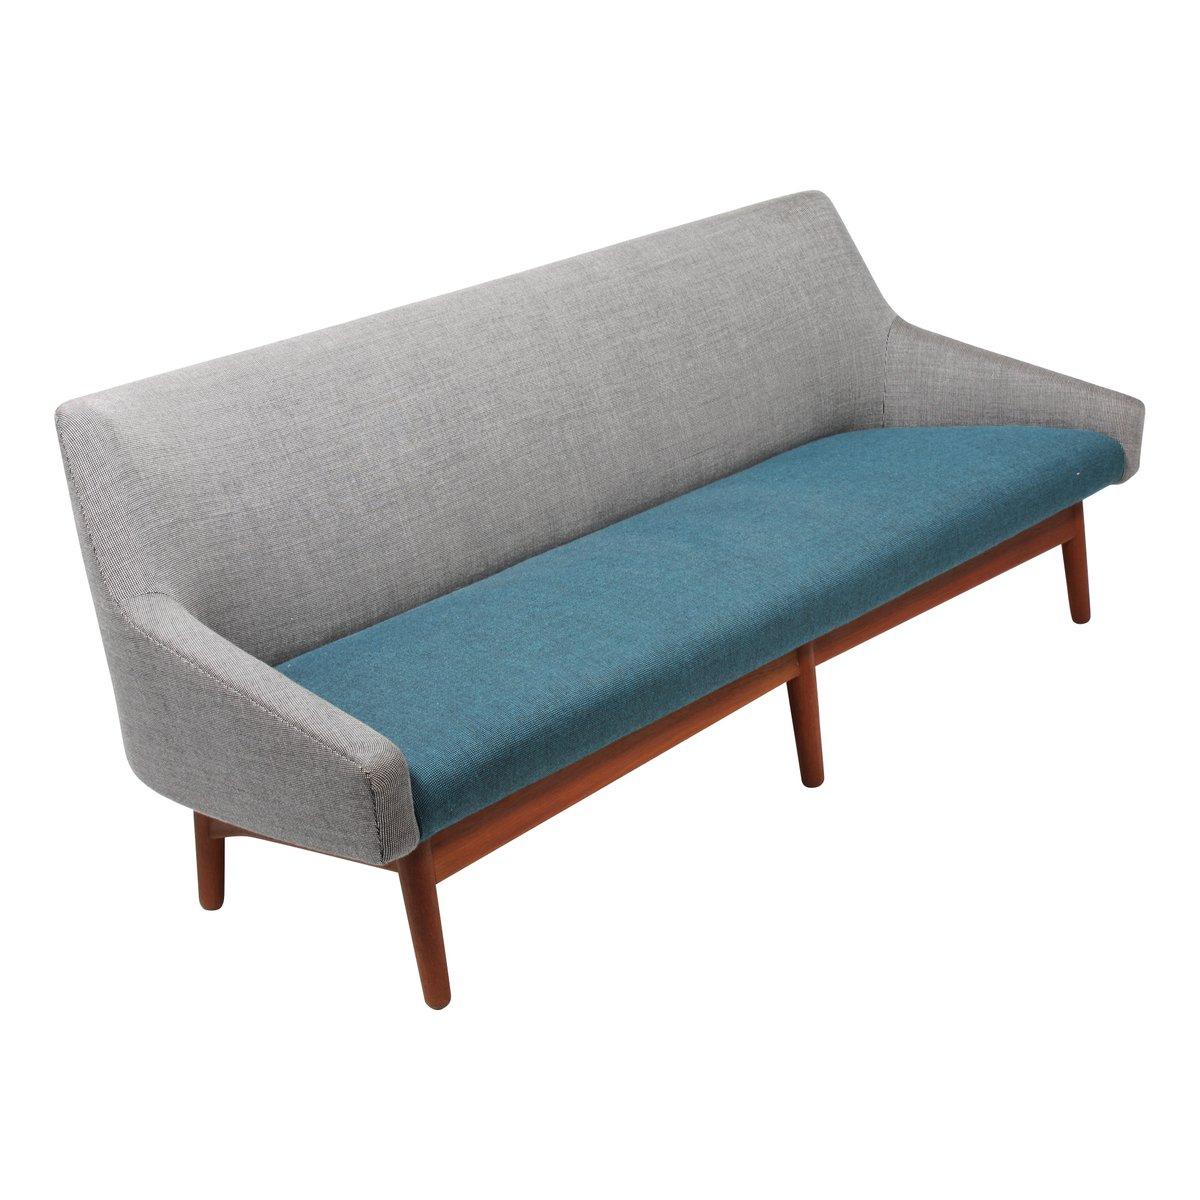 dreisitzer sofa von ib kofod larsen bei pamono kaufen. Black Bedroom Furniture Sets. Home Design Ideas